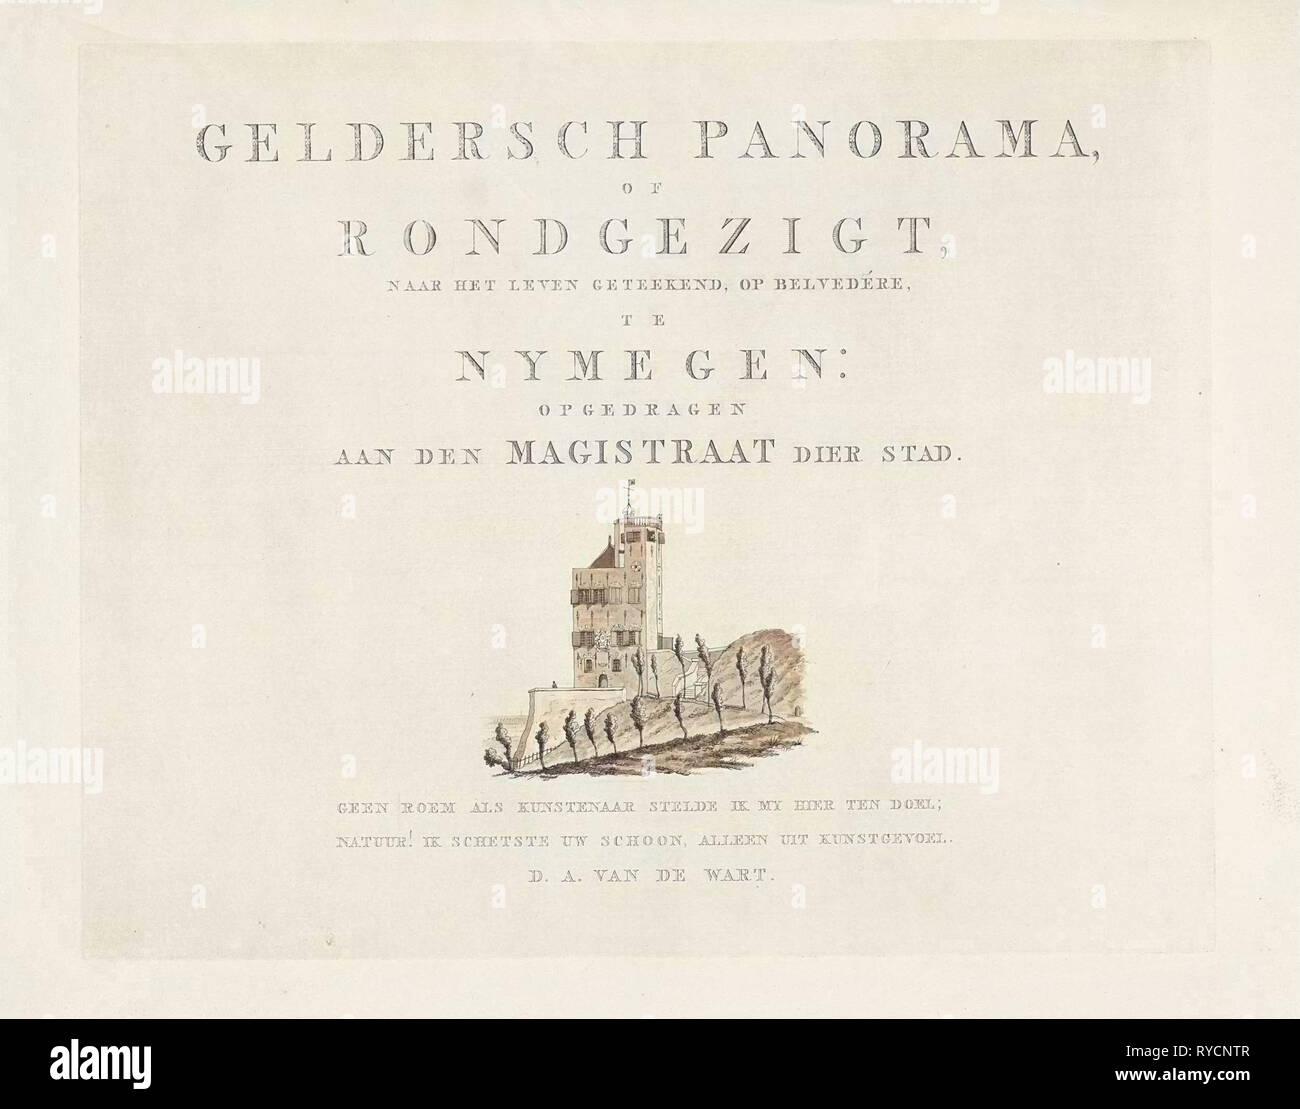 Belvédère Nijmegen, Derk Anthony van de Wart, 1815 - 1824 - Stock Image